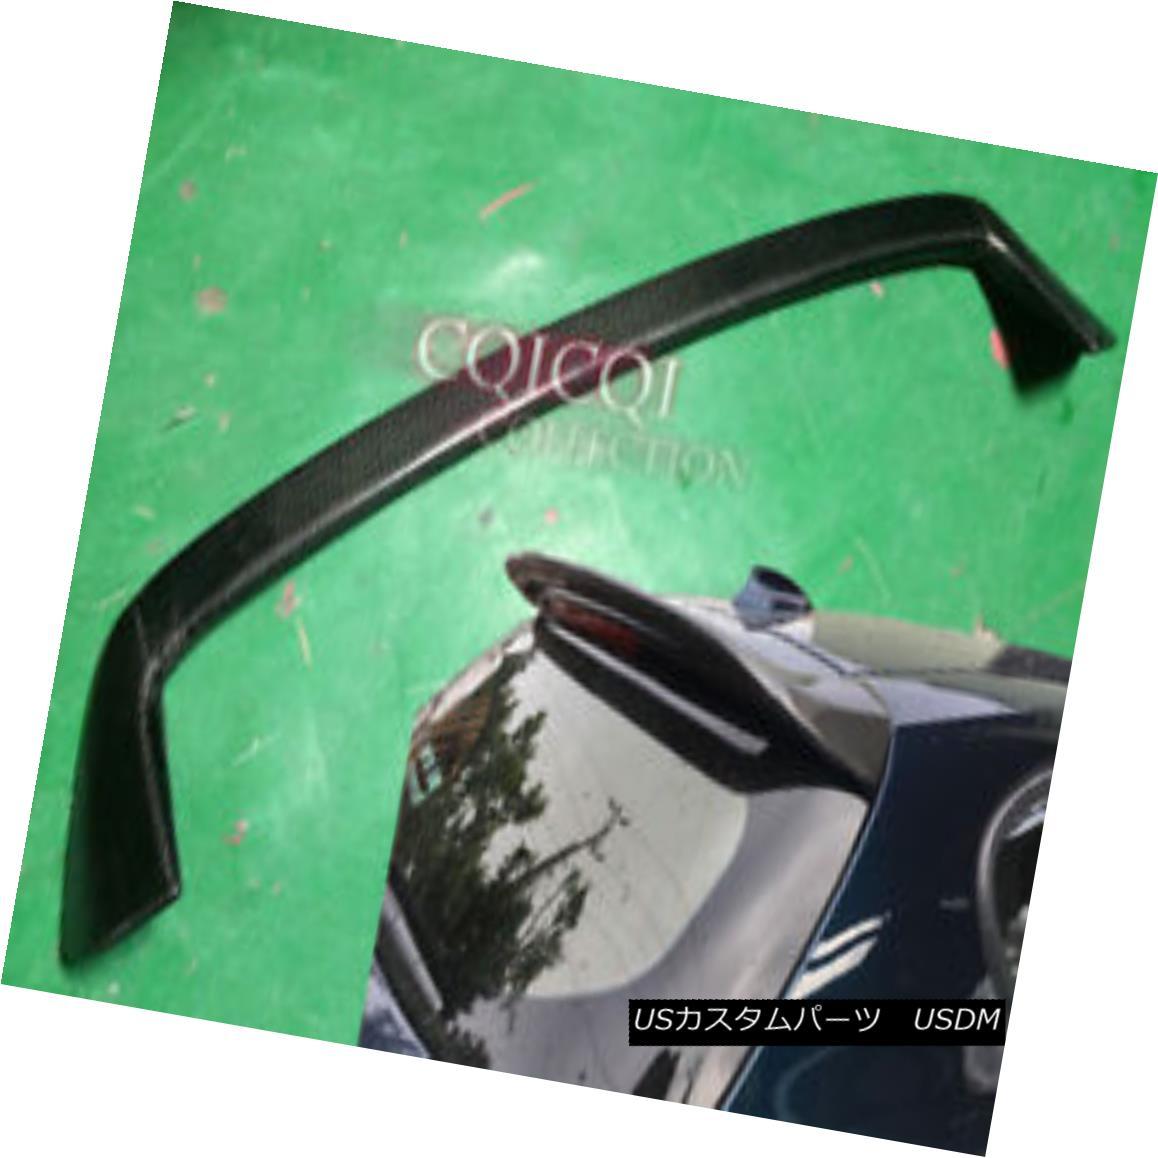 エアロパーツ Carbon BMW 12~17 F20 F21 1-series hatchback 3Door 5Door AC type roof spoiler ◎ カーボンBMW 12?17 F20 F21 1シリーズハッチバック3Door 5ドアACタイプのルーフスポイラー?